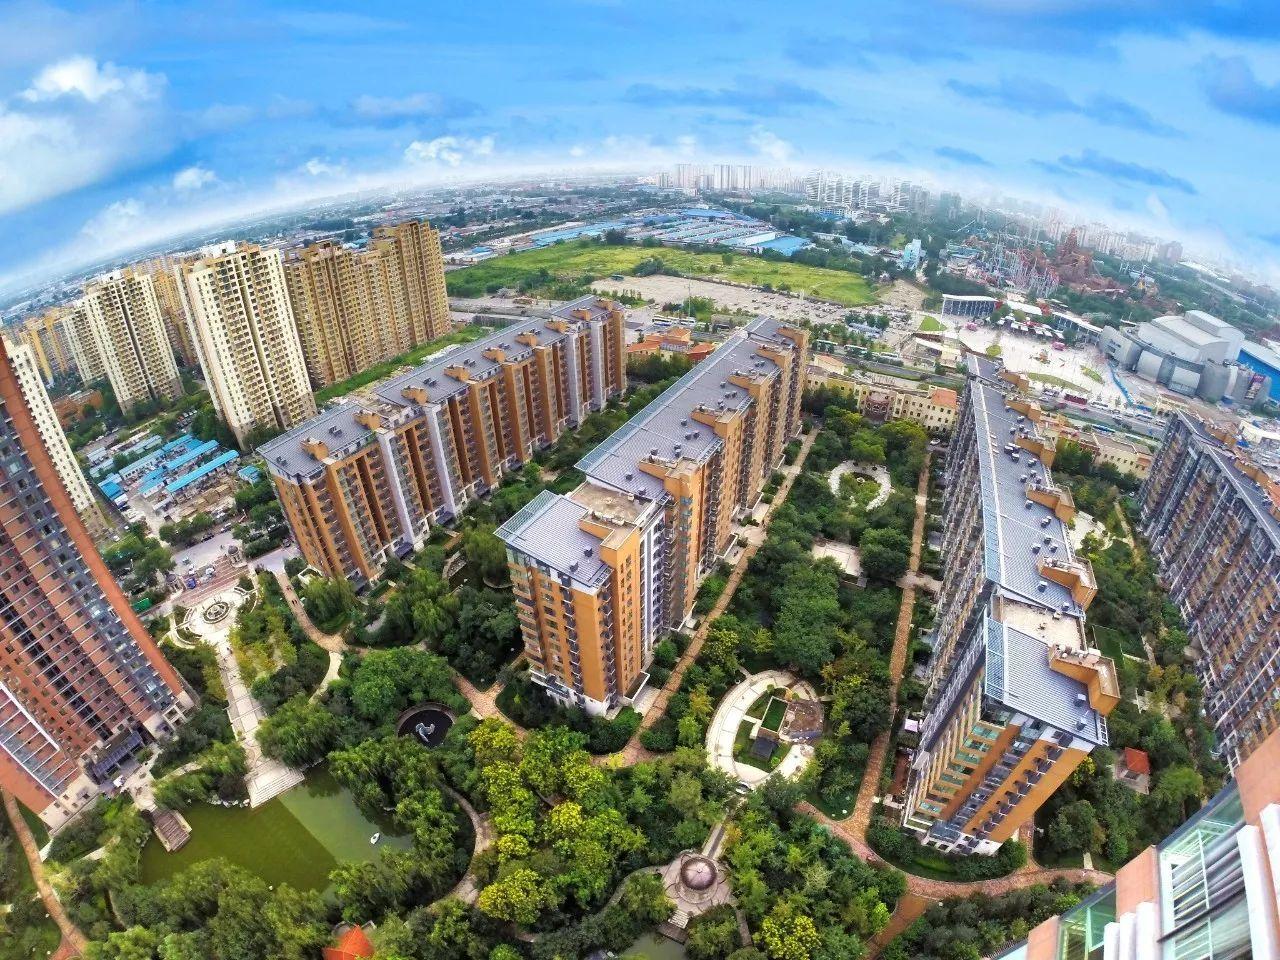 报告:我国大中城市 正进入生态文明建设新时期